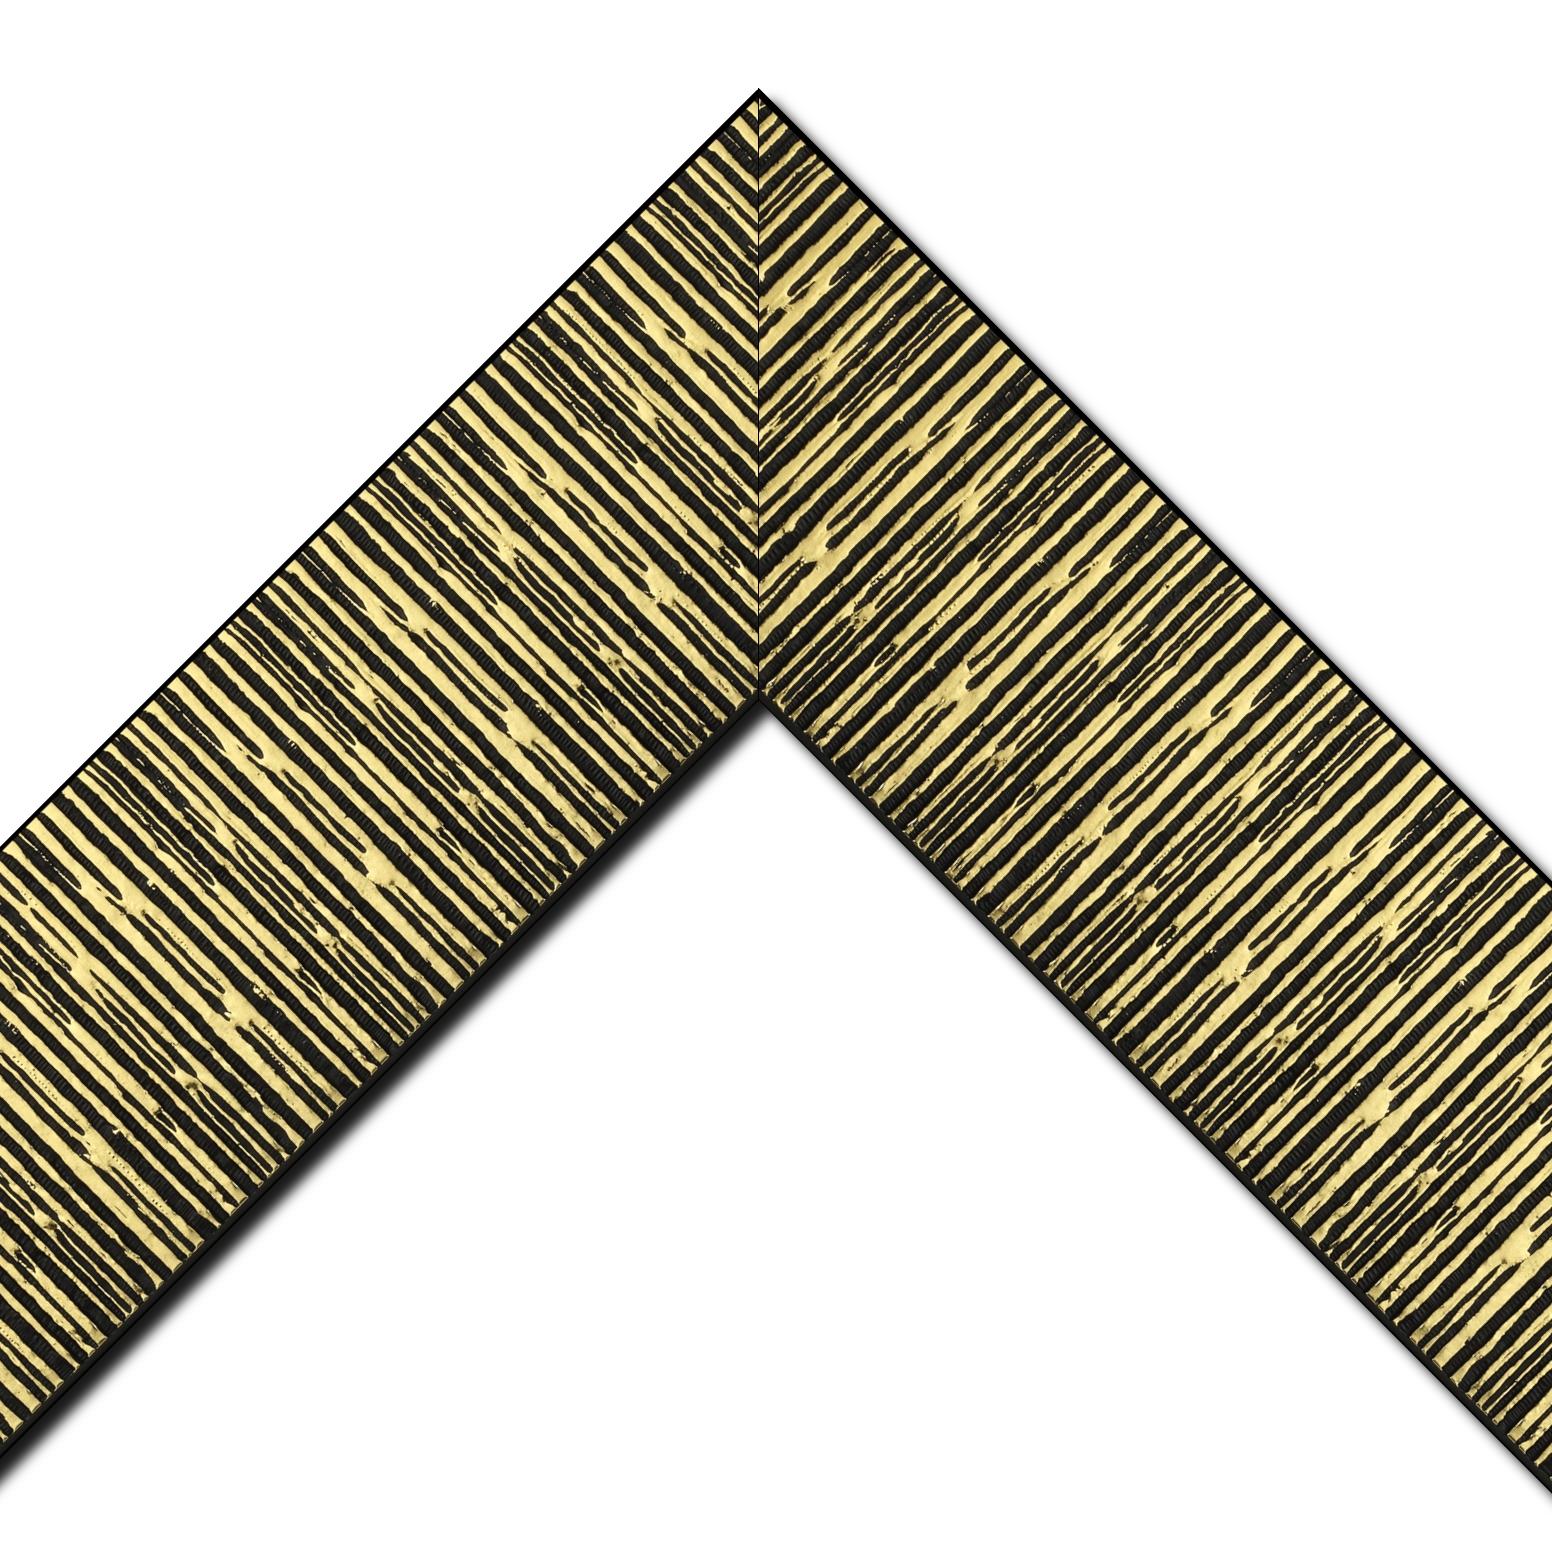 Baguette bois profil plat largeur 10.5cm couleur noir mat strié or ckromé en relief